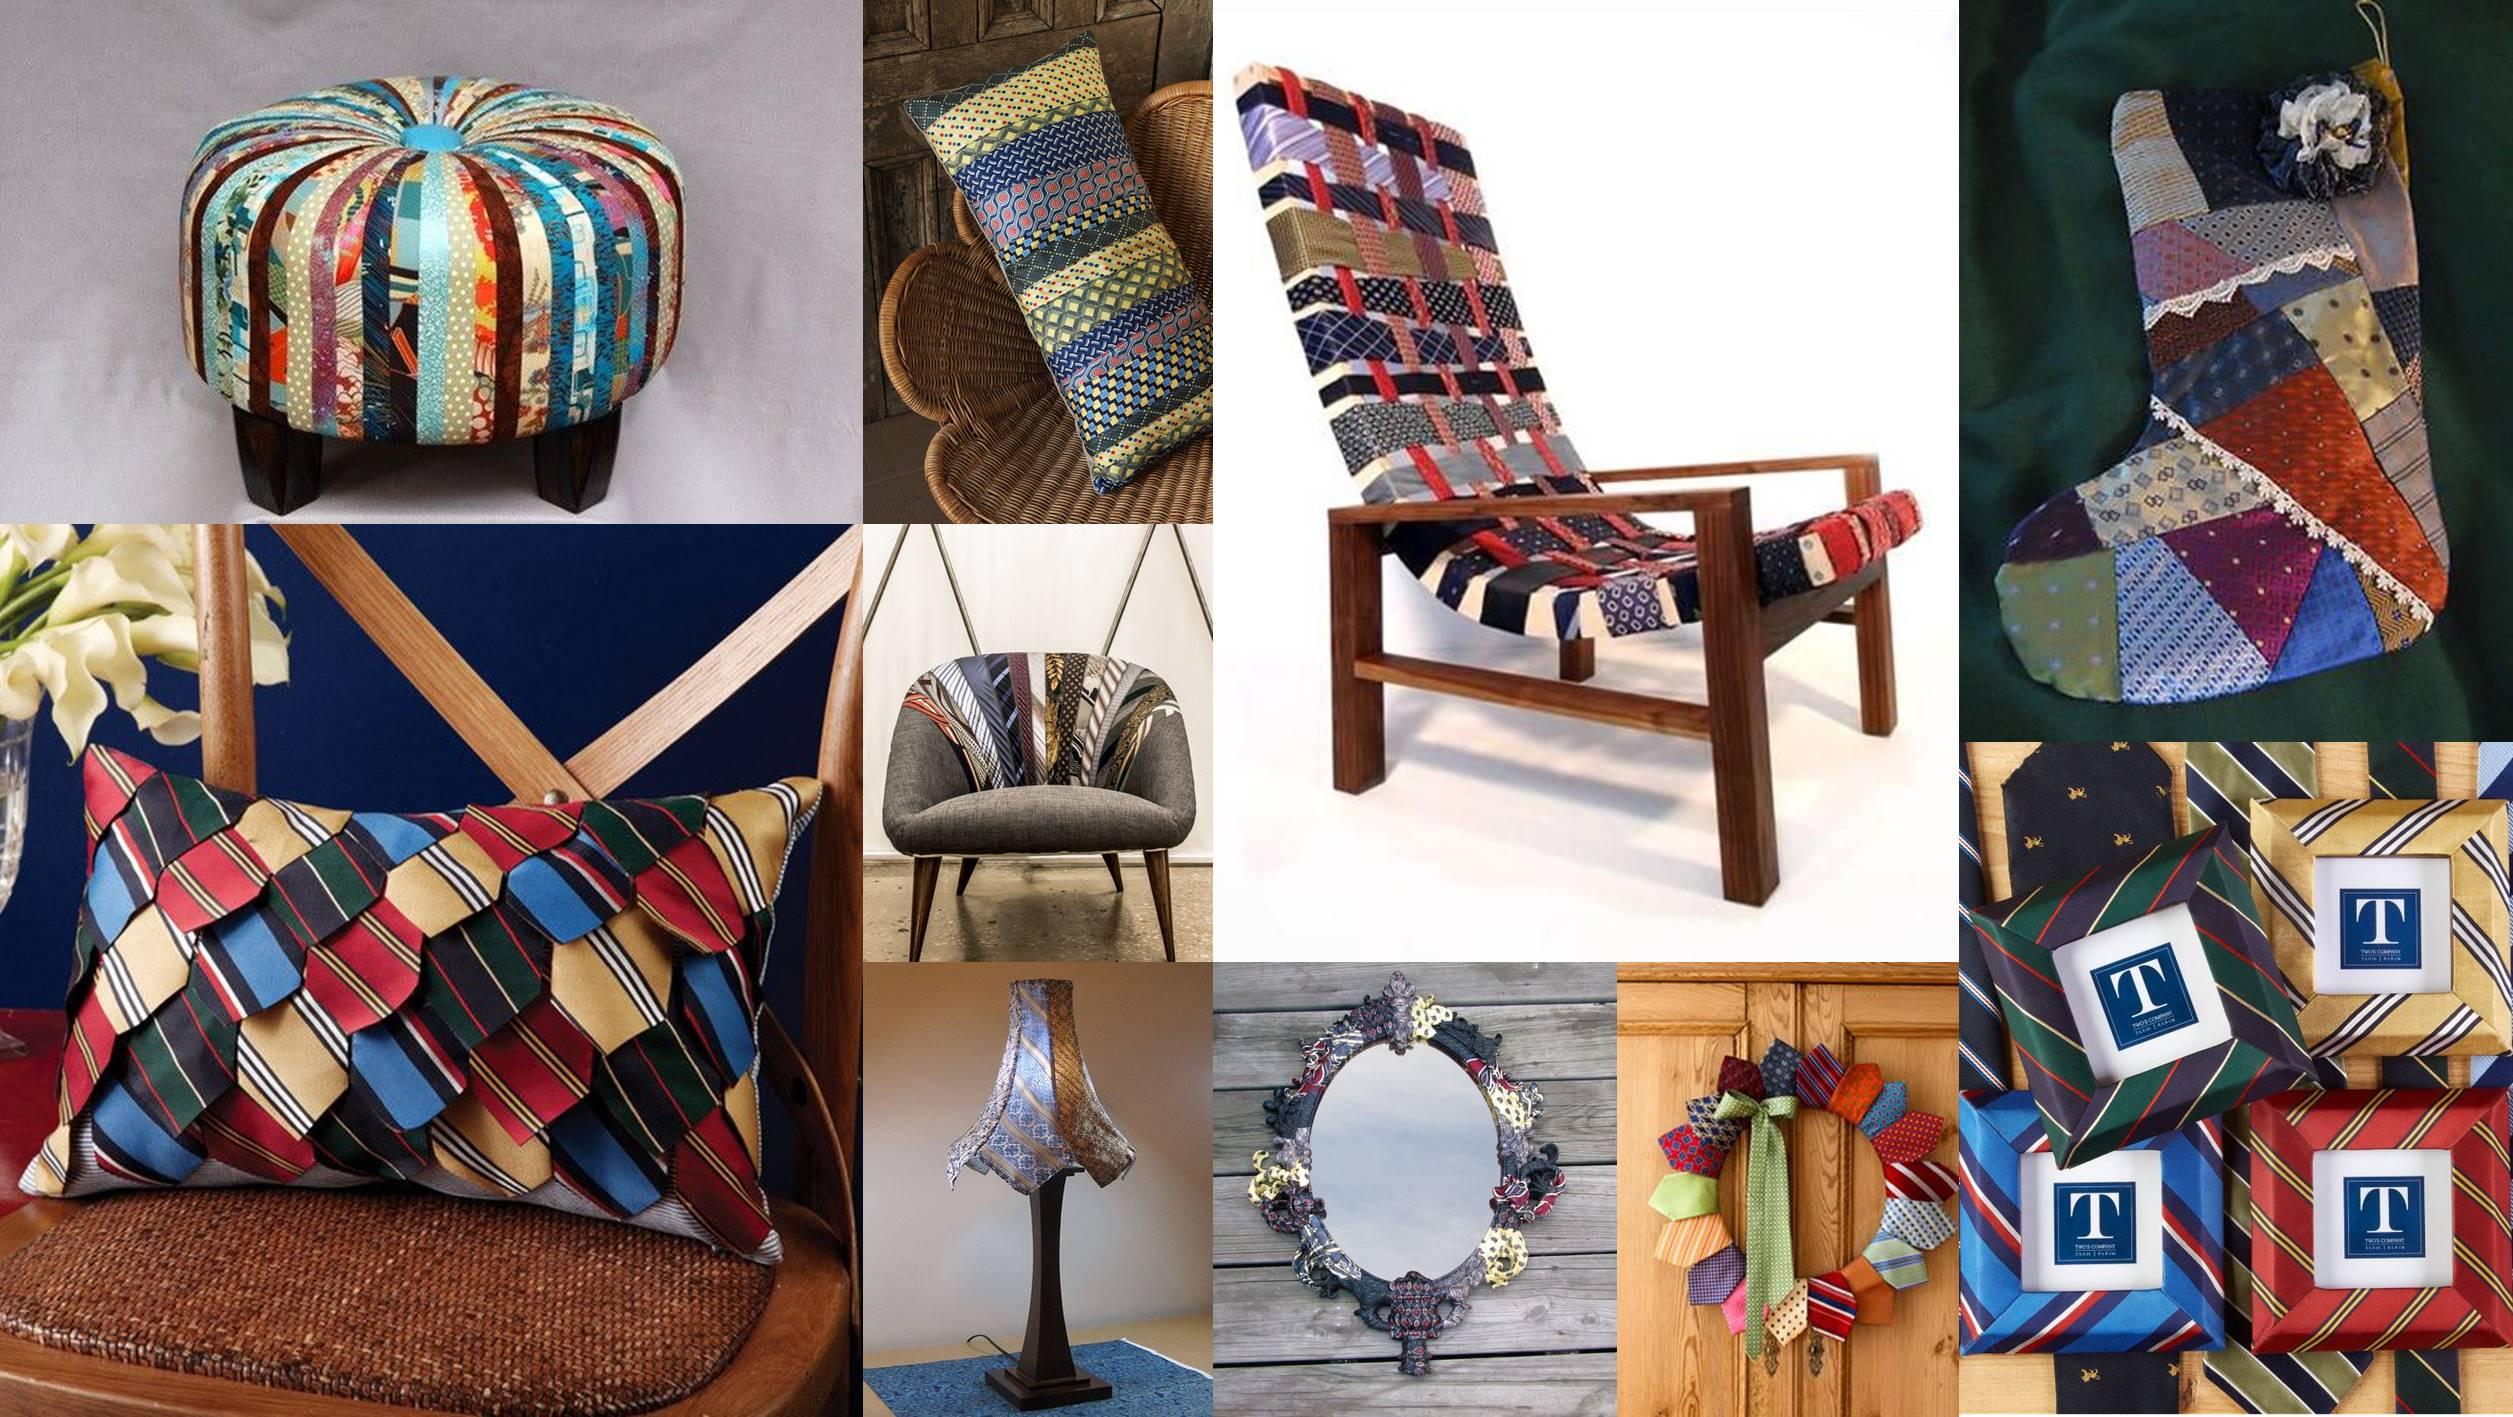 obiecte din cravata